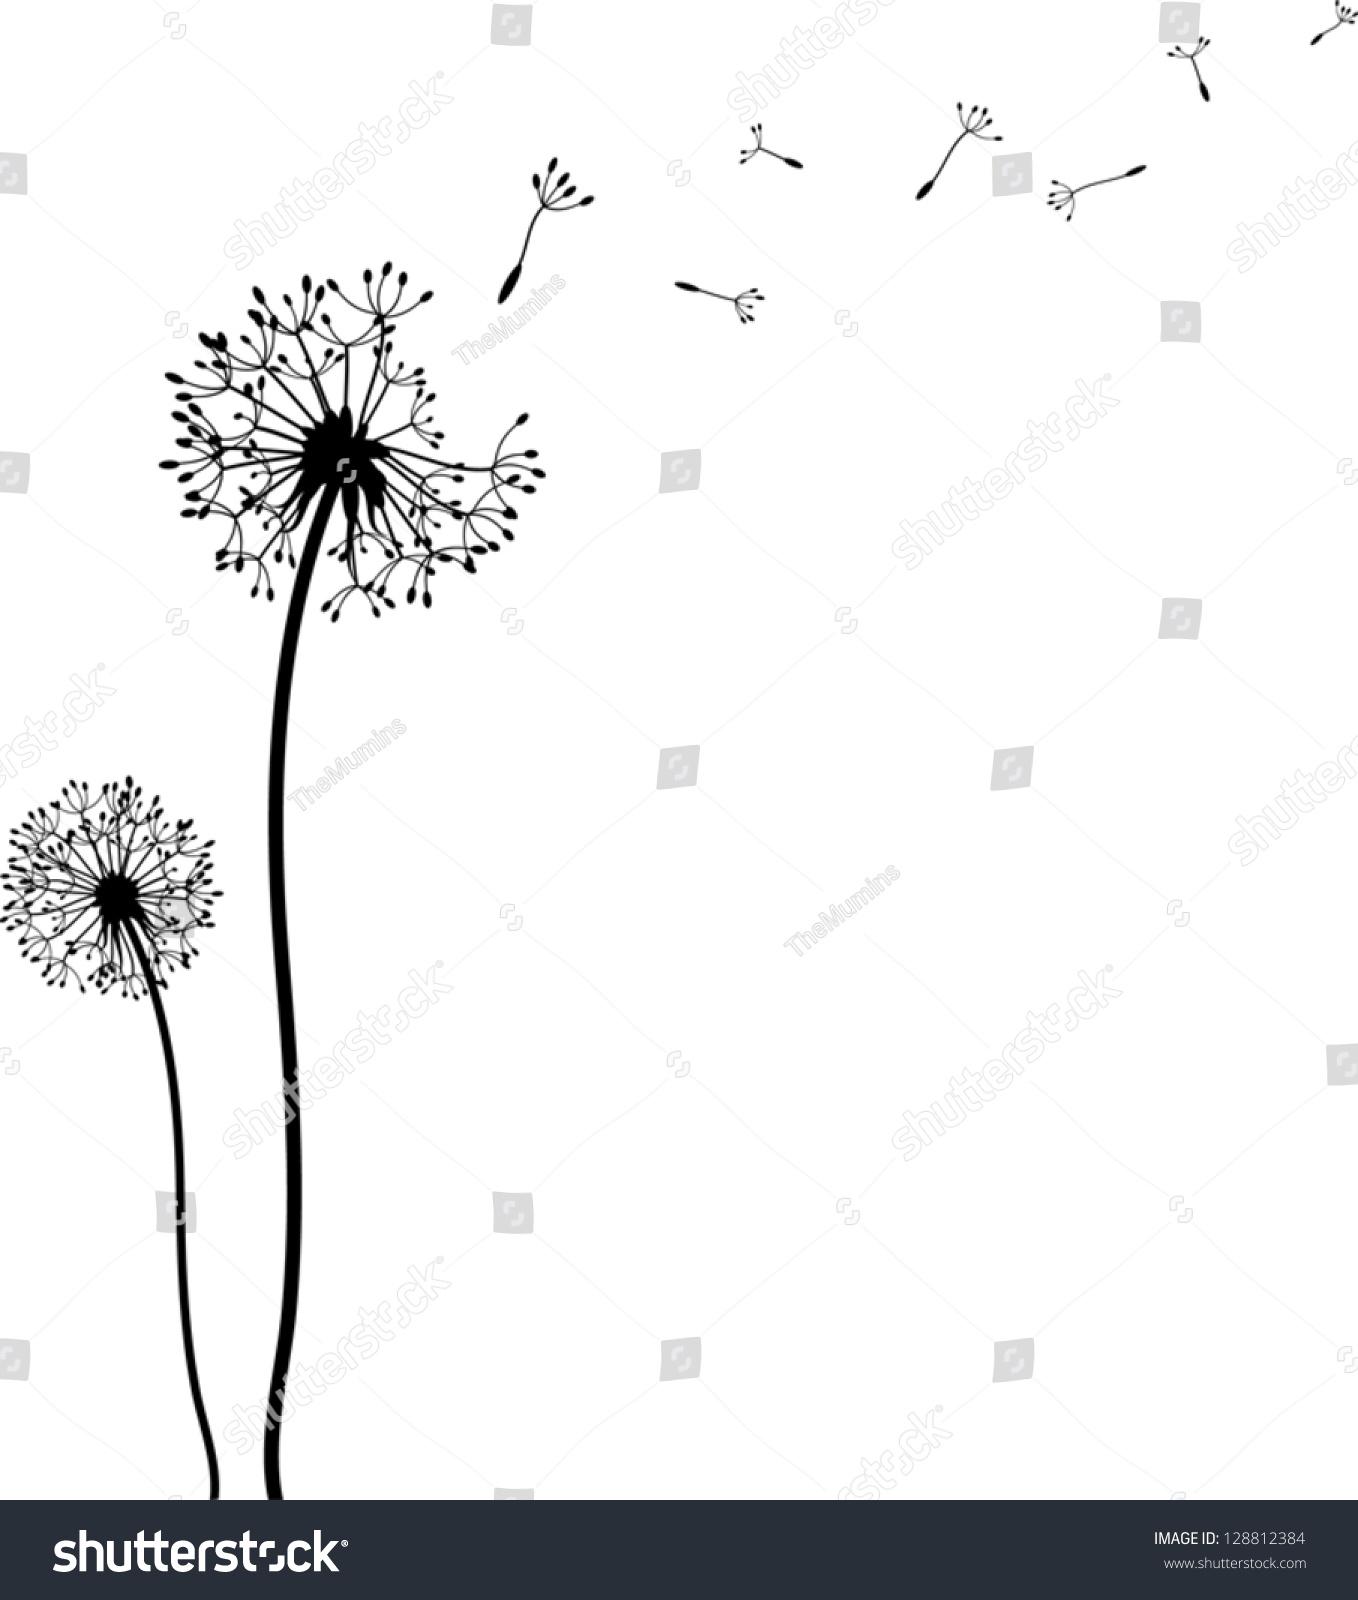 Blowing dandelion clip art - photo#11